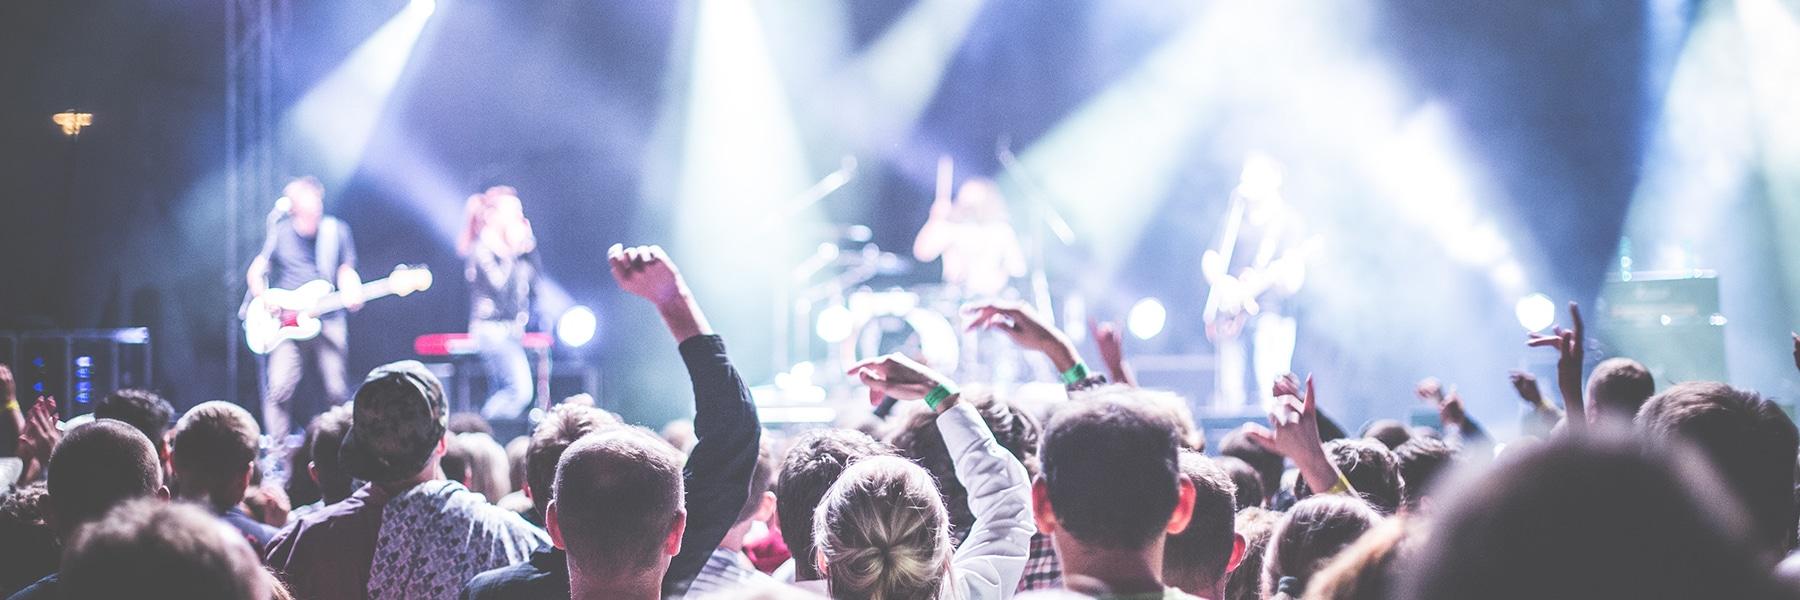 3 VANTAGENS DA AVALIAÇÃO DE EVENTOS